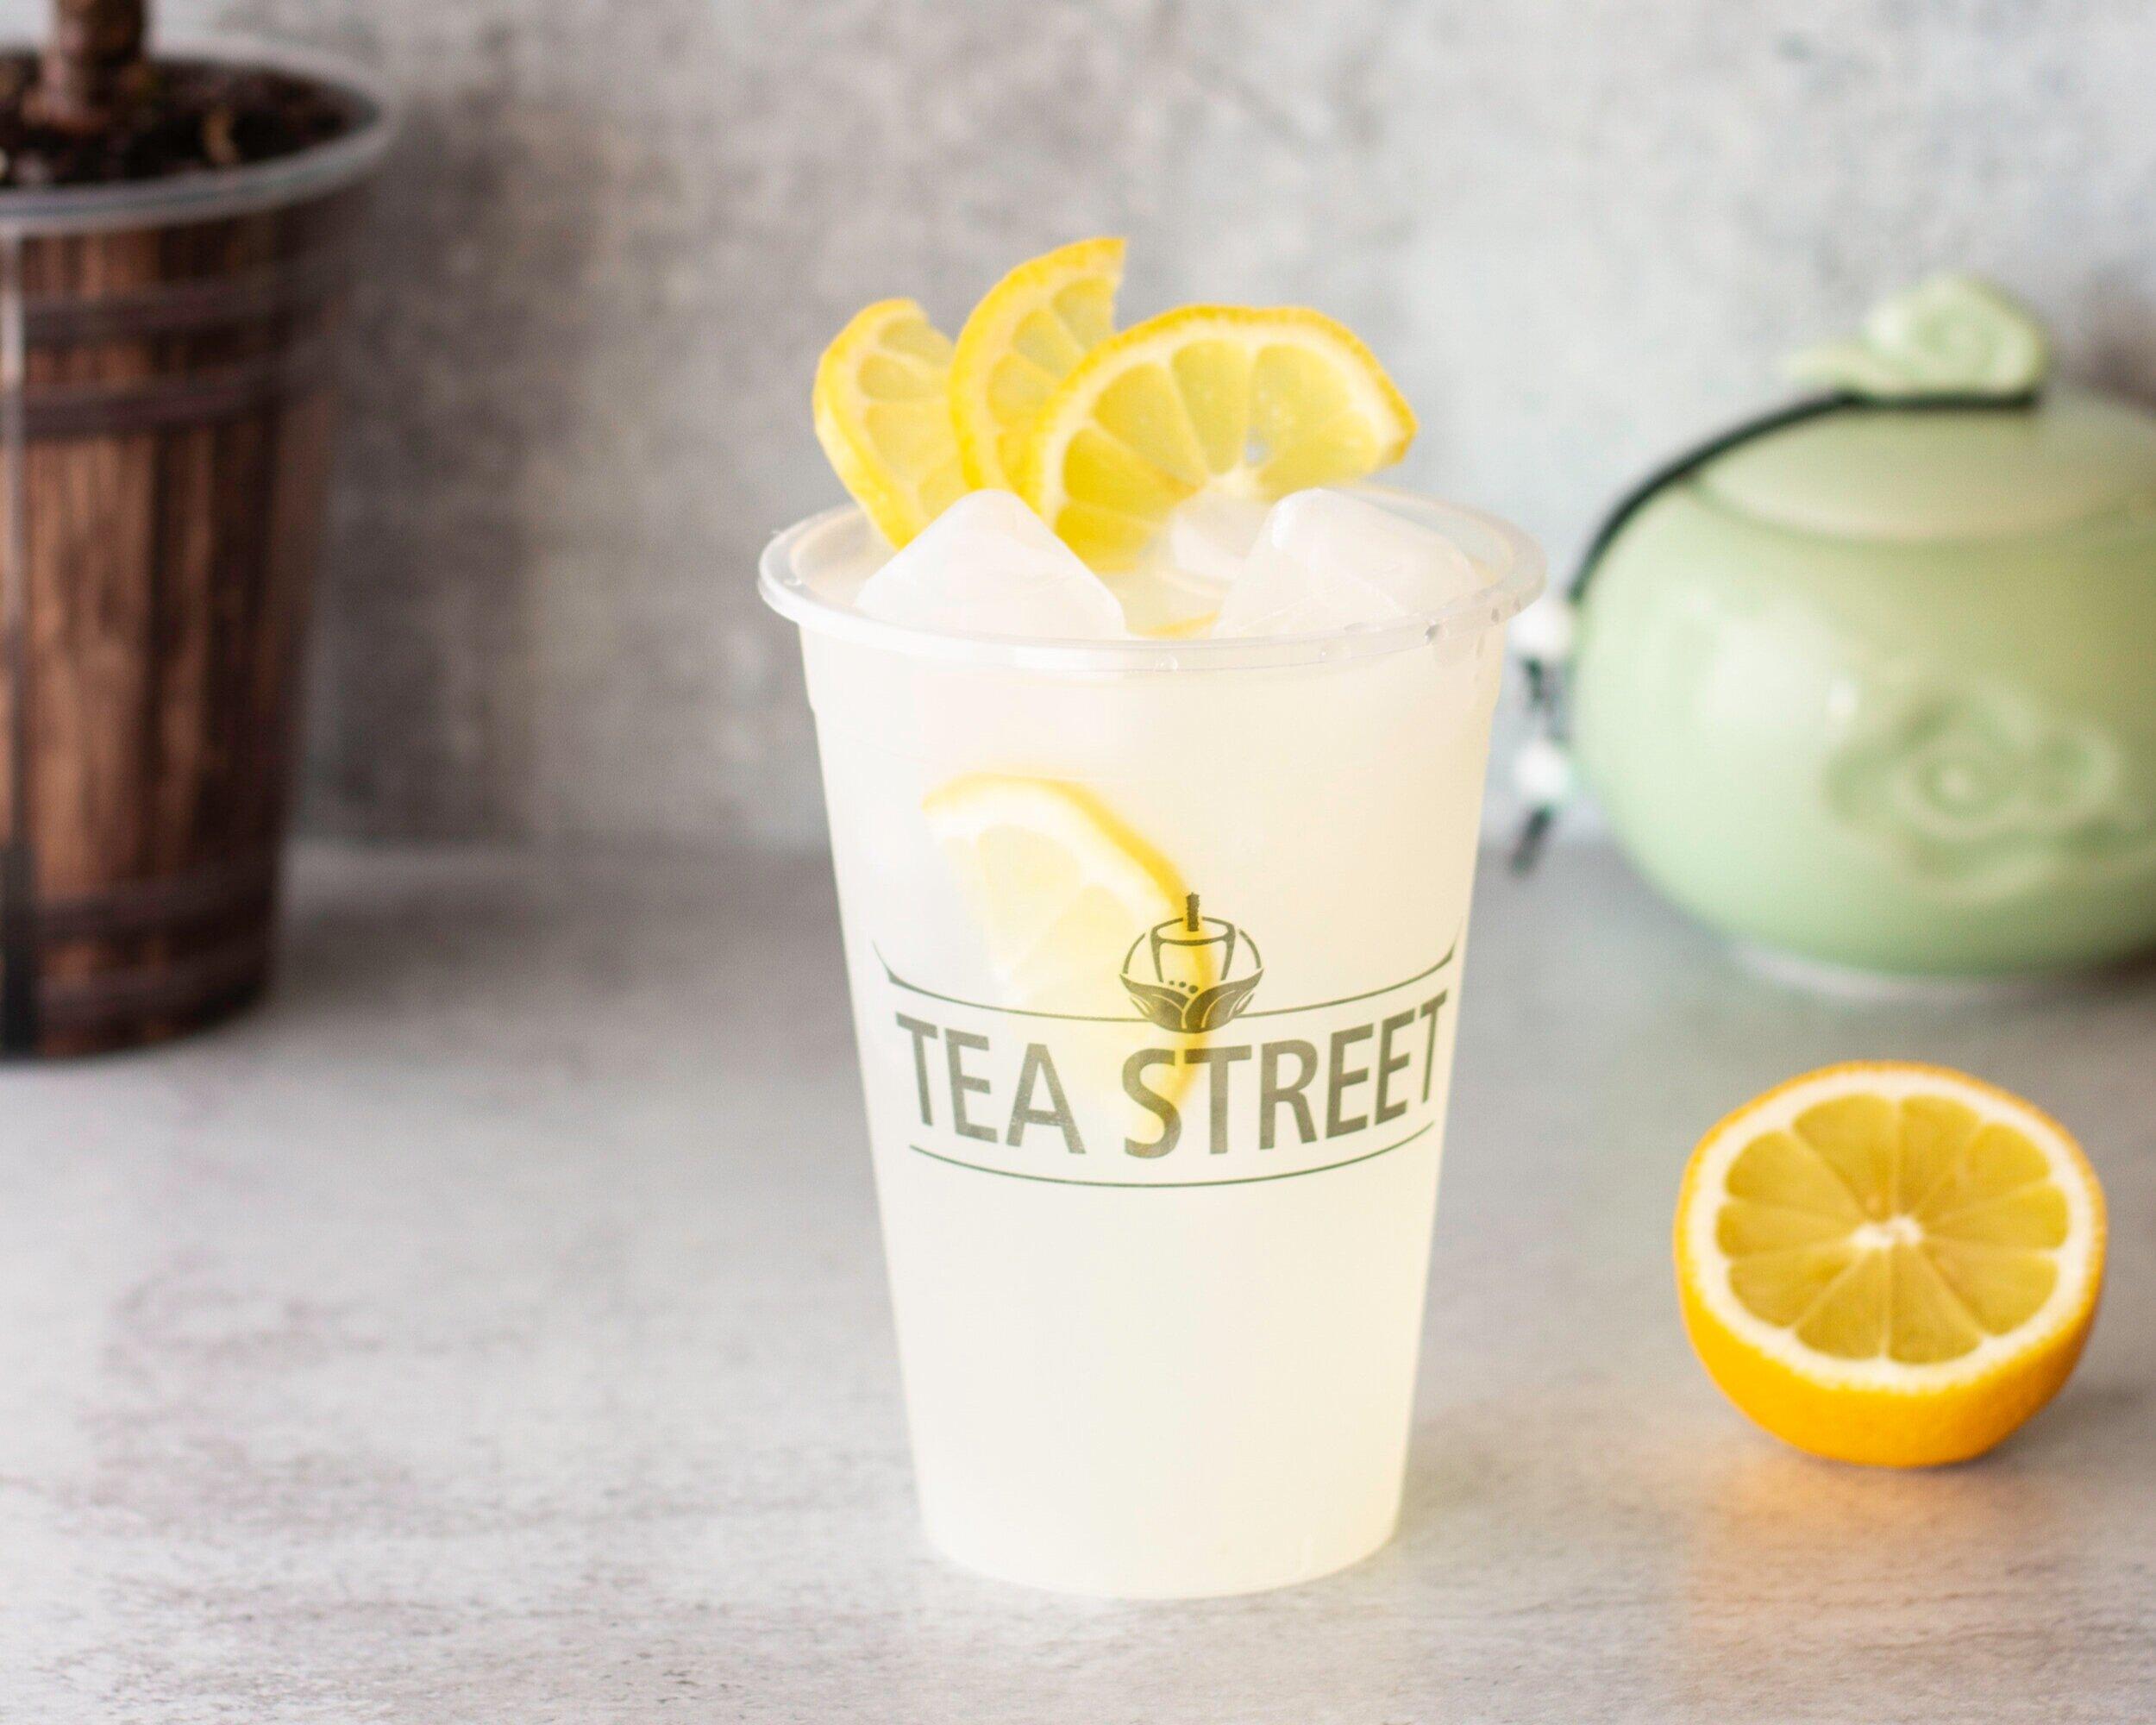 Tea Street Lemonade